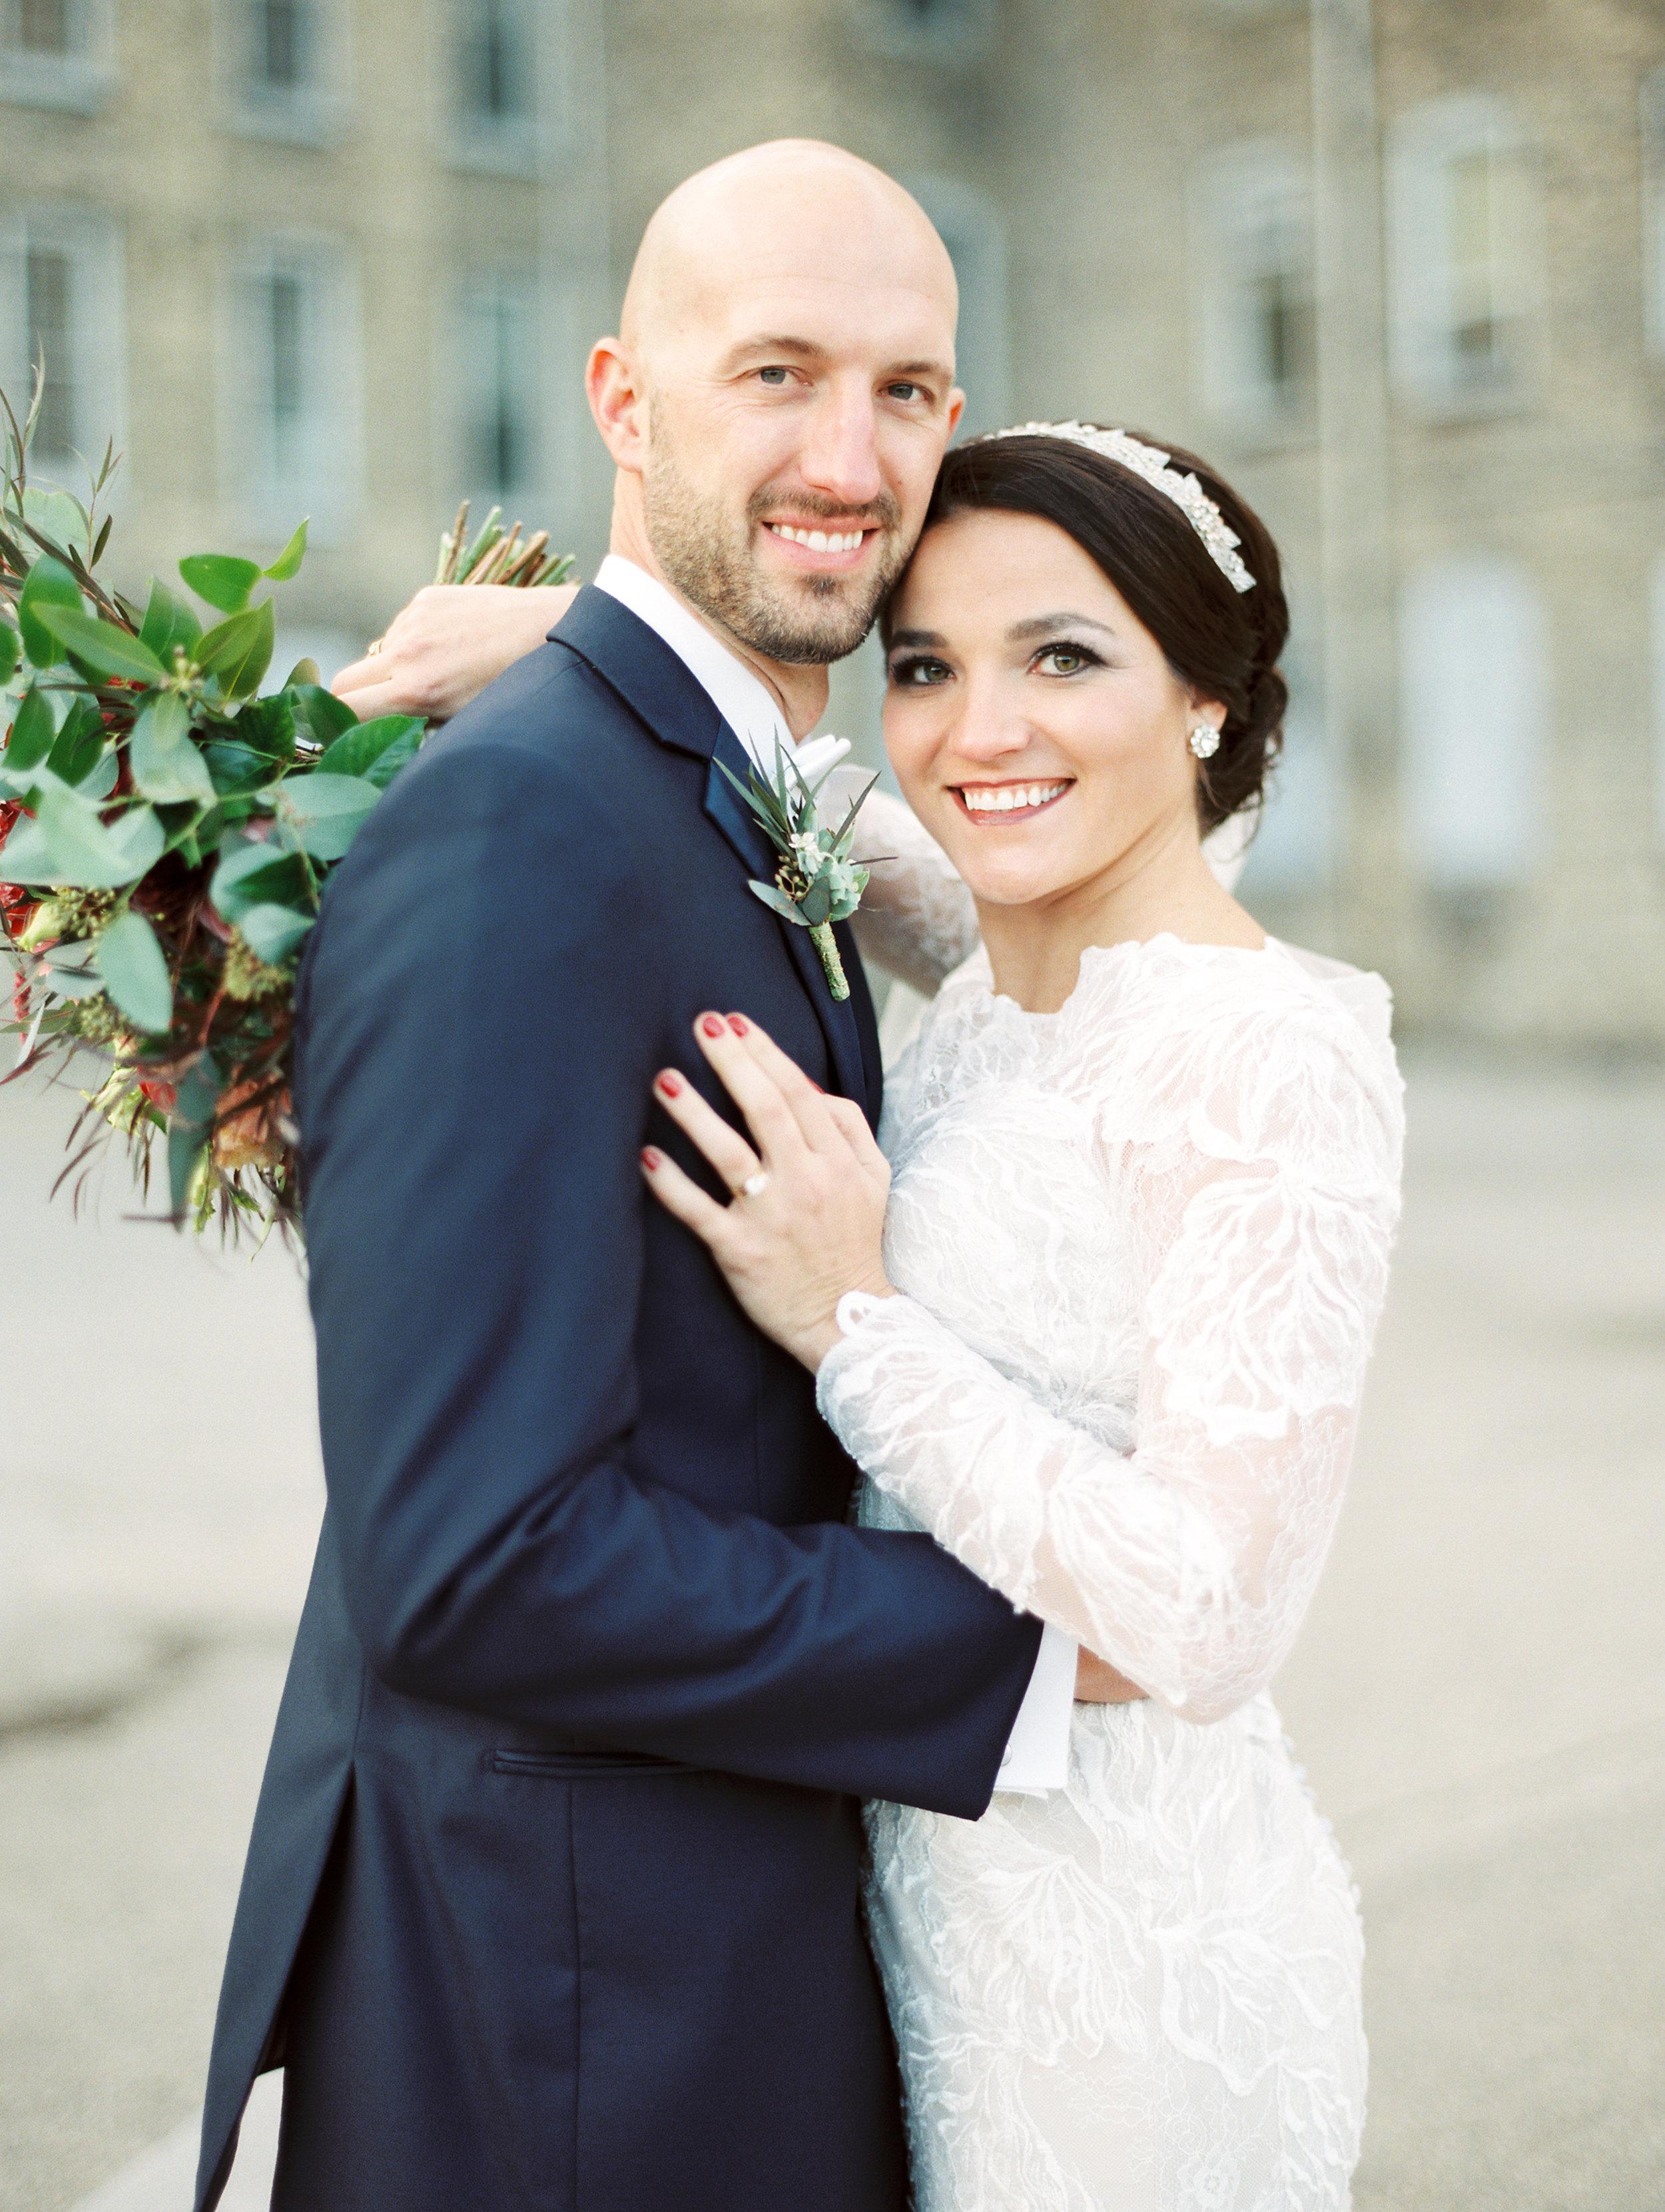 Vogelzang+Wedding+Bride+Groom-43.jpg